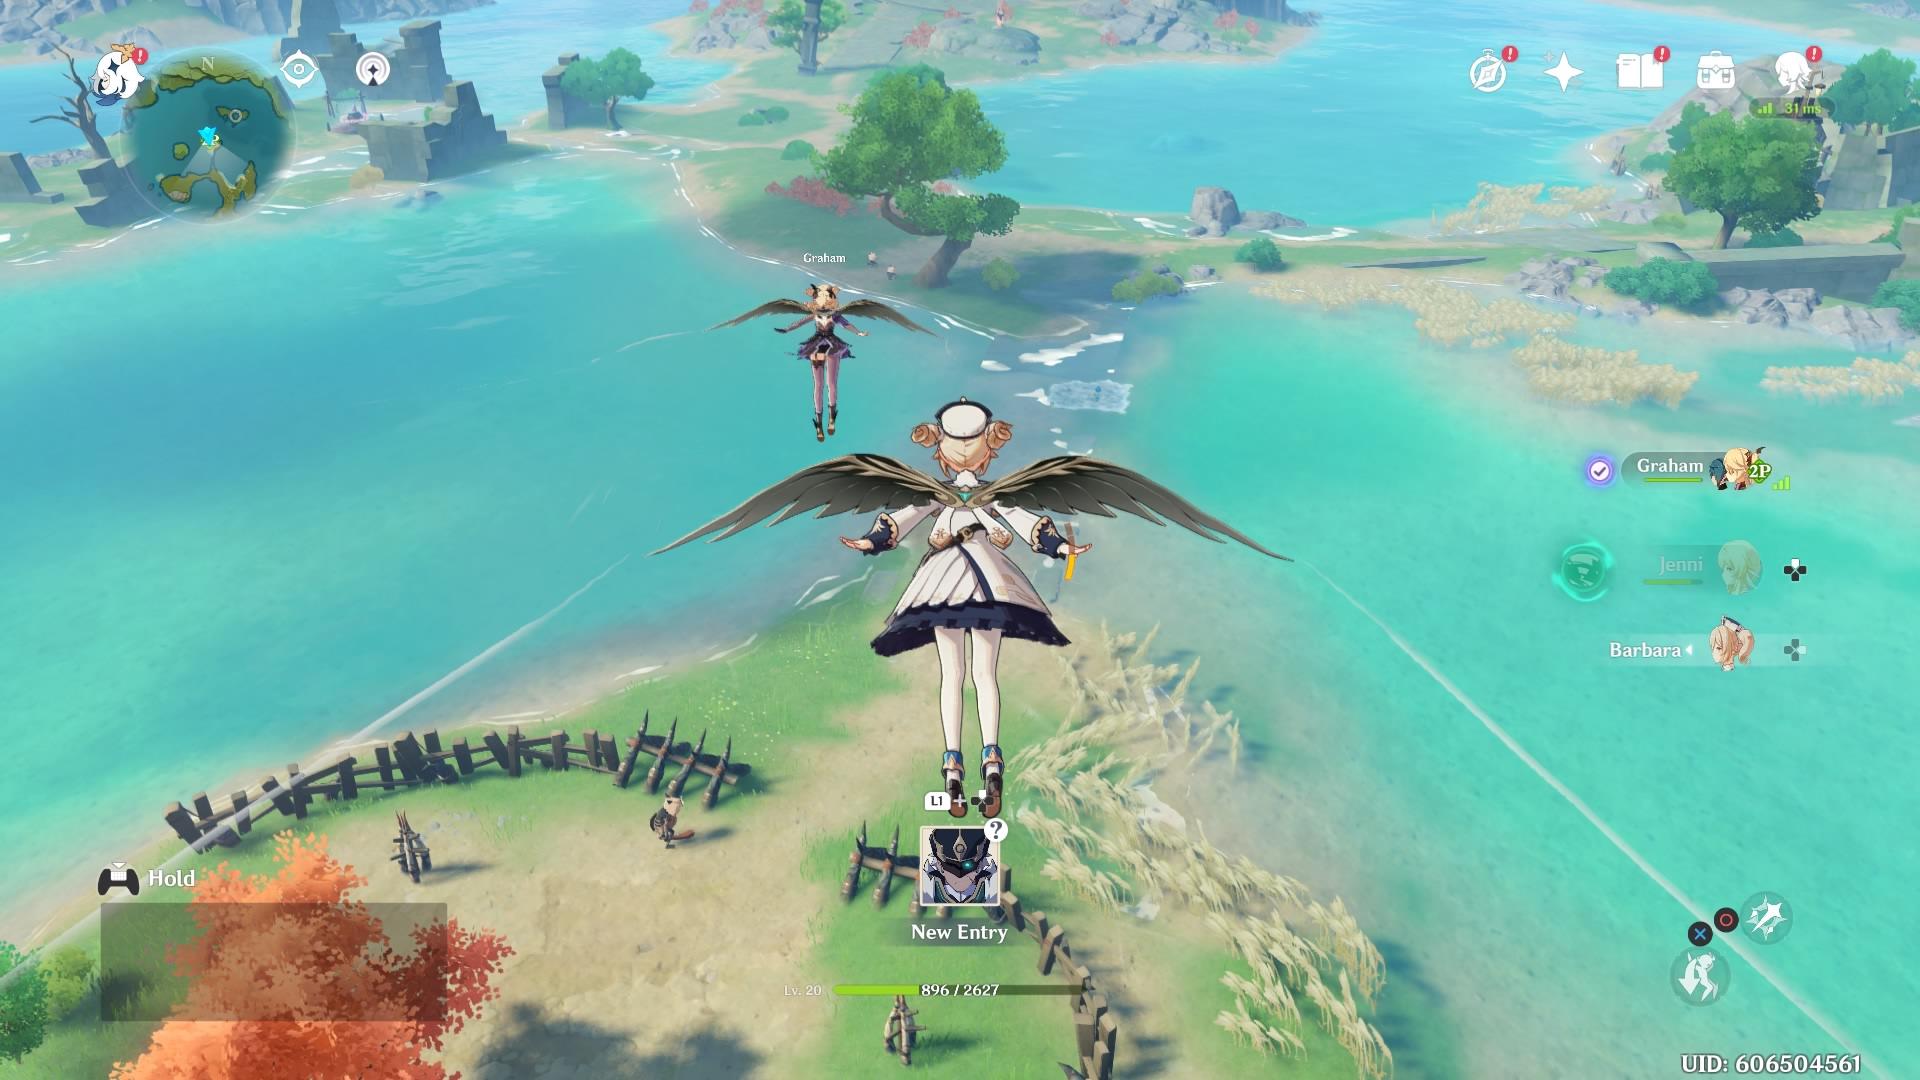 Genshin Impact multiplayer